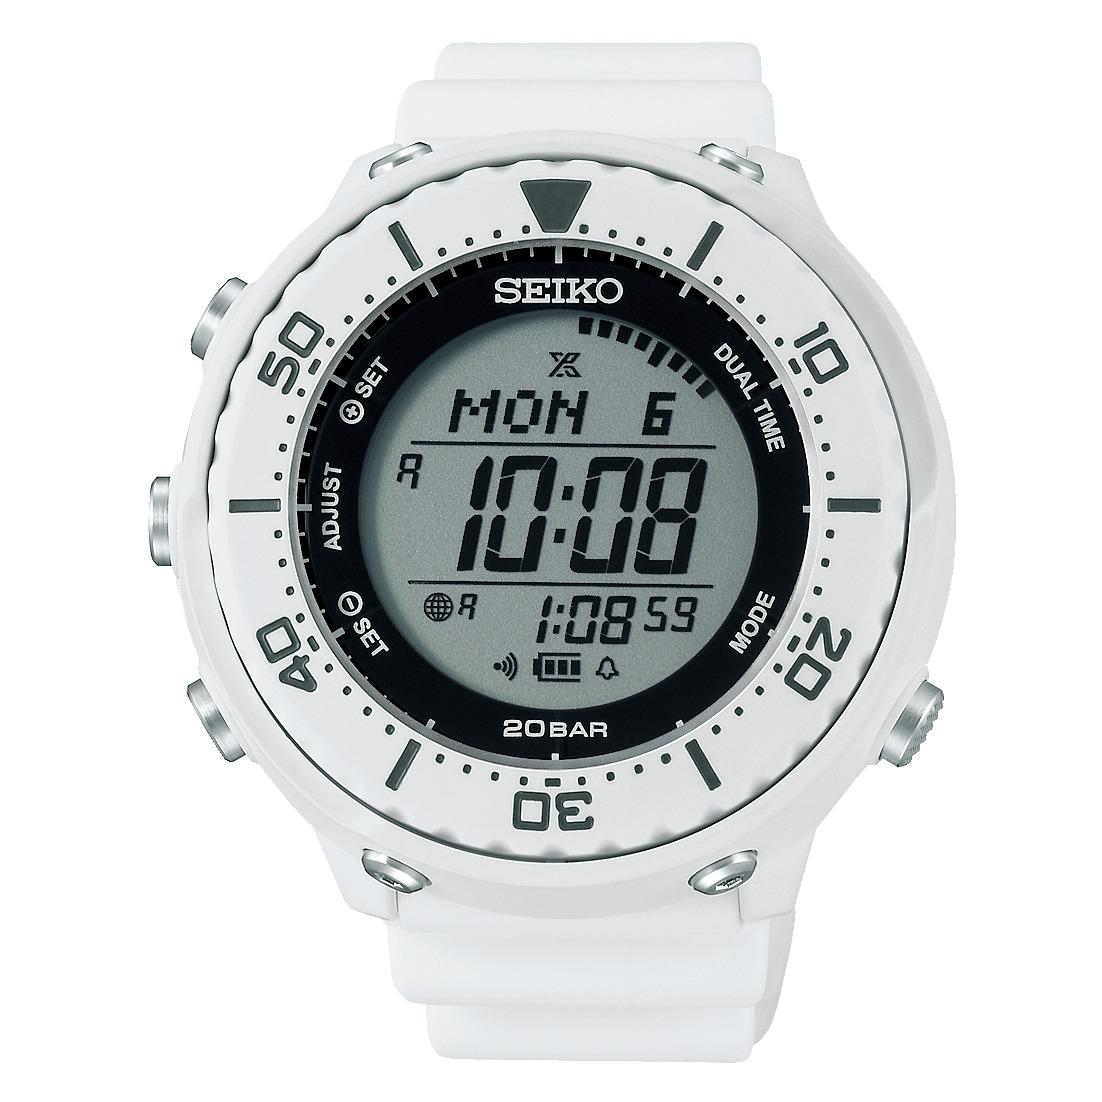 正規品 SEIKO PROSPEX セイコー プロスペックス SBEP011 LOWERCASEプロデュースモデル 腕時計